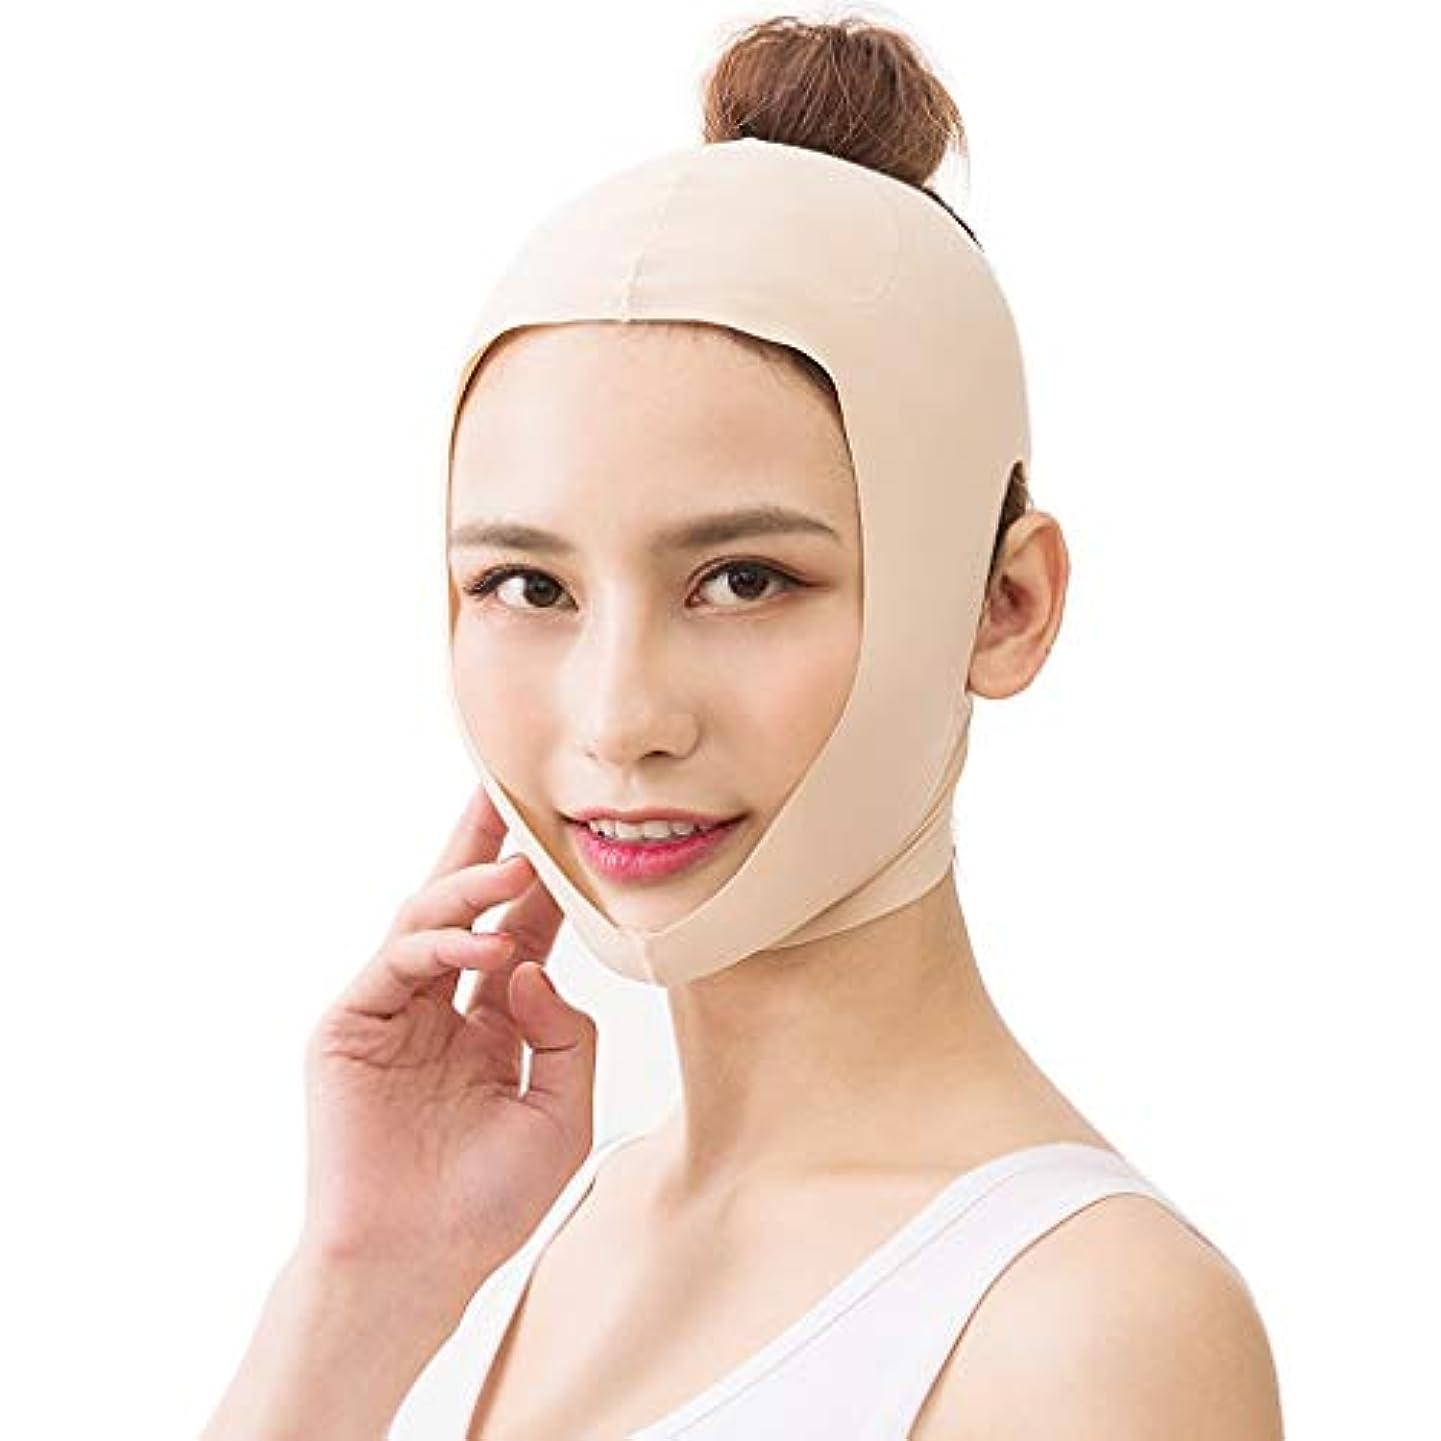 起訴するちょうつがい悔い改めCHSY 薄い顔ベルト、薄い顔アーティファクトスリープVフェイス包帯二重あごファーミングマッサージシェーピングマスクを持ち上げ 薄い顔の包帯 (Color : Skin tone)